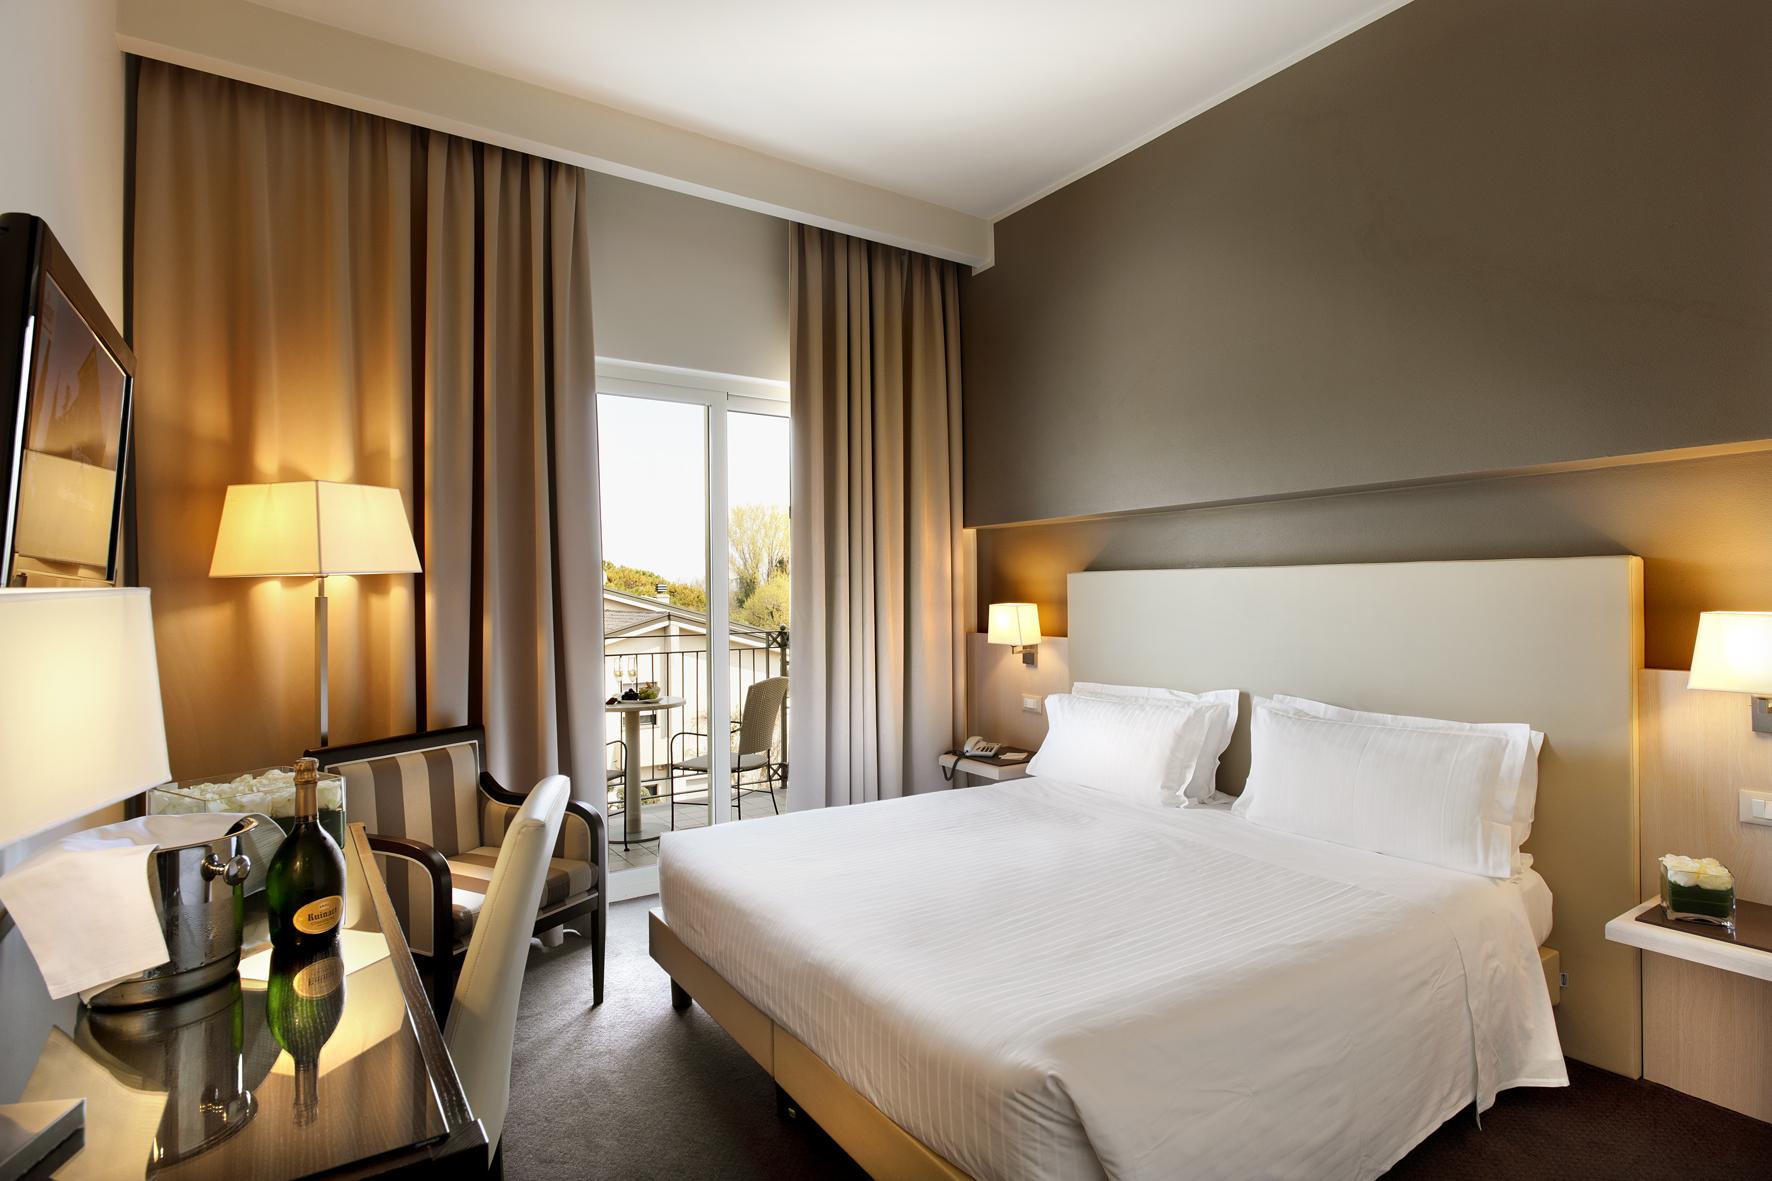 Villa Rosa Hotel, Desenzano, Lake Garda, Italy - Standard room.jpg